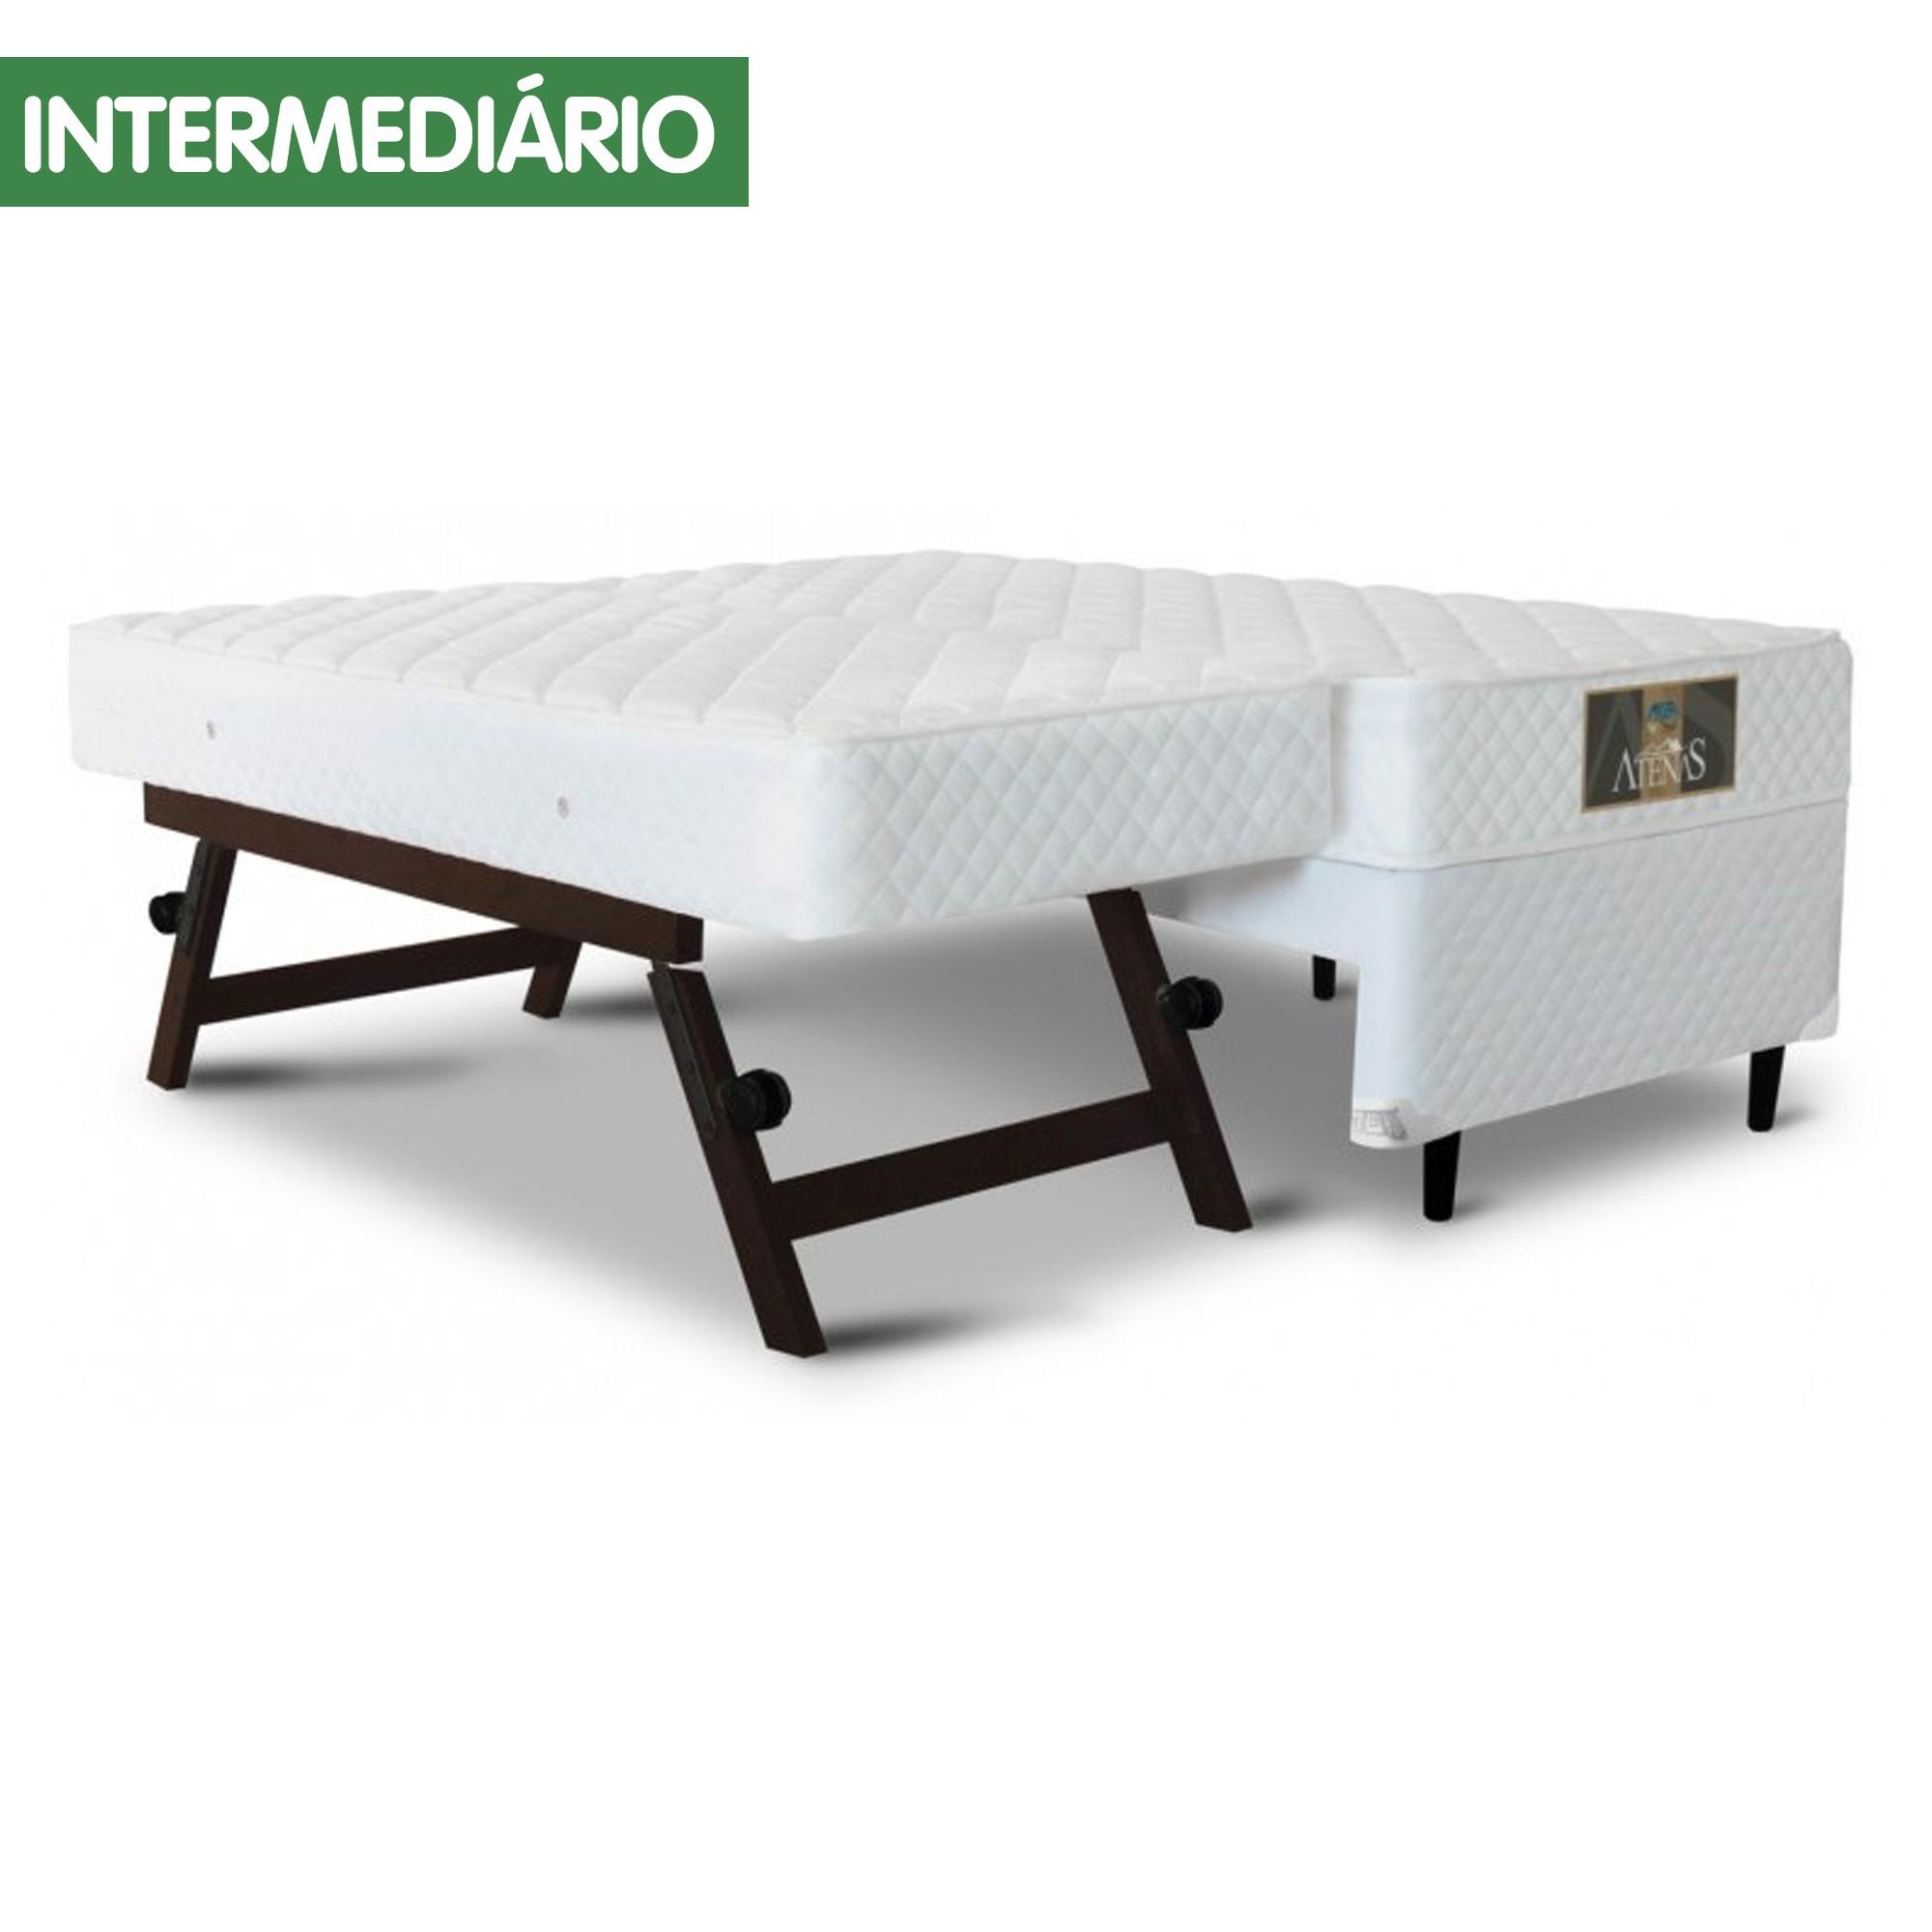 Conjunto Box Bicama Molejo Versátil com Colchão Atenas, MGA, Branca, Solteiro 088 x 188 cm